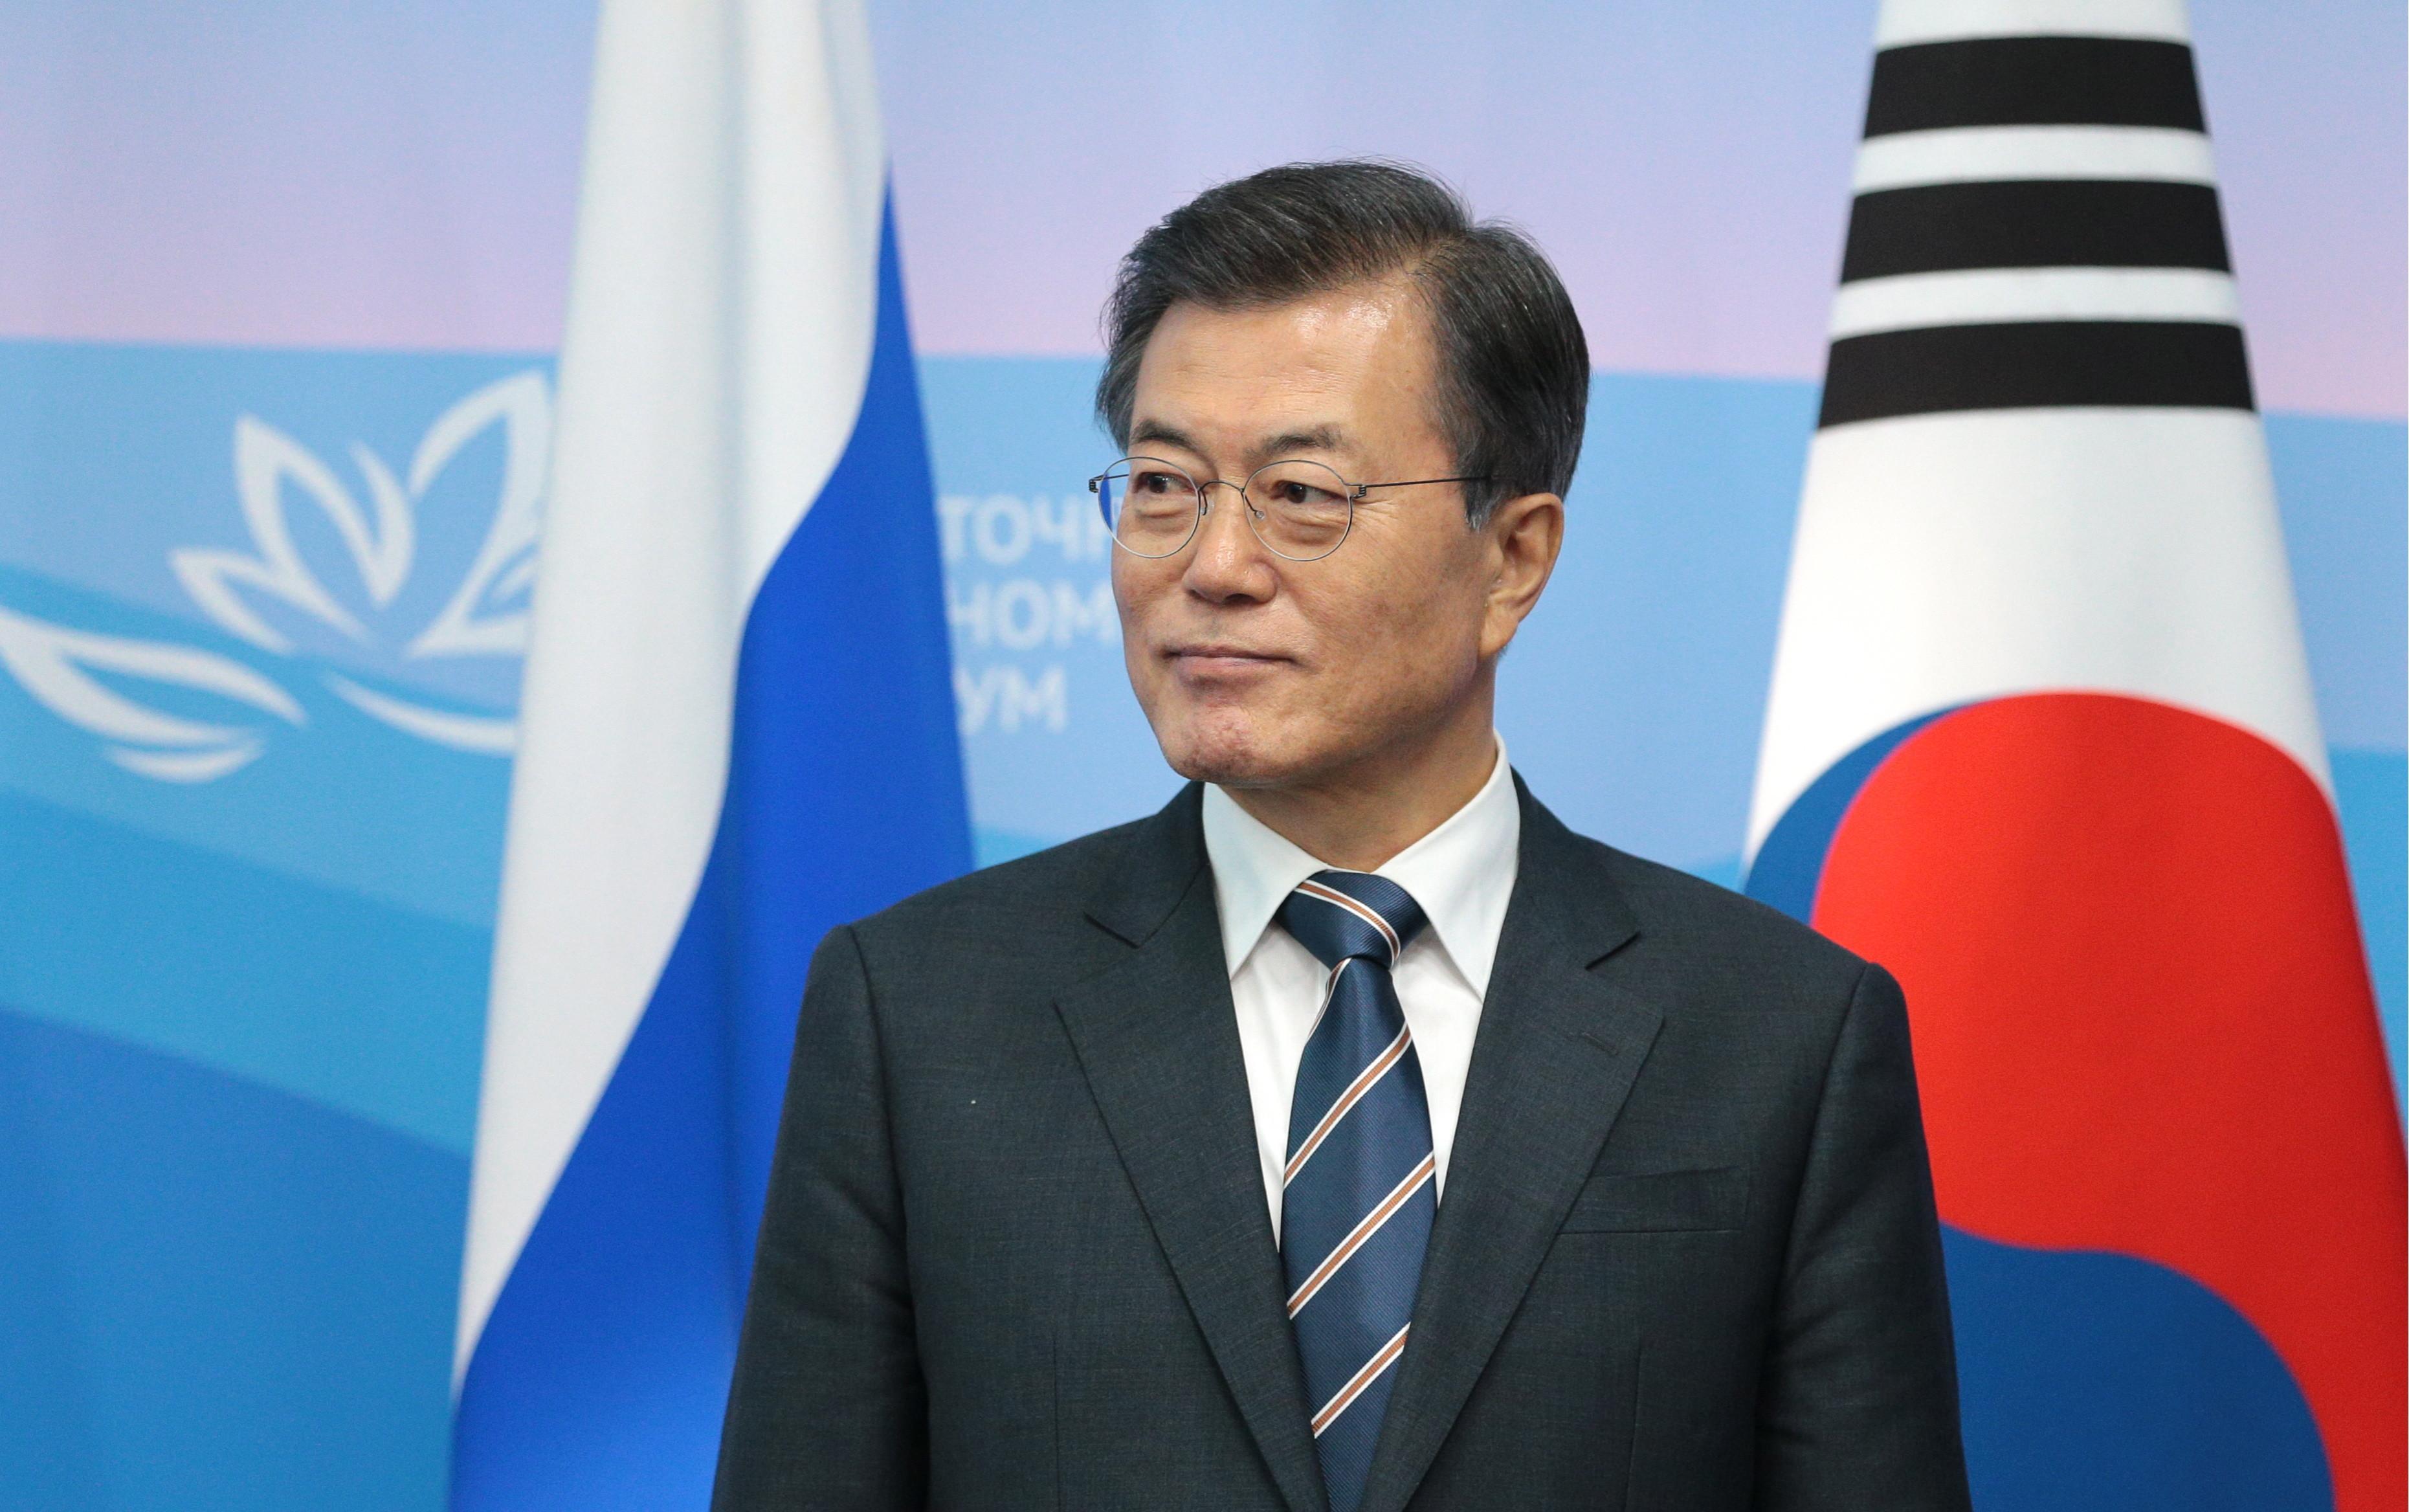 Сестра Ким Чен Ына прилетела вЮжную Корею на личном  самолете